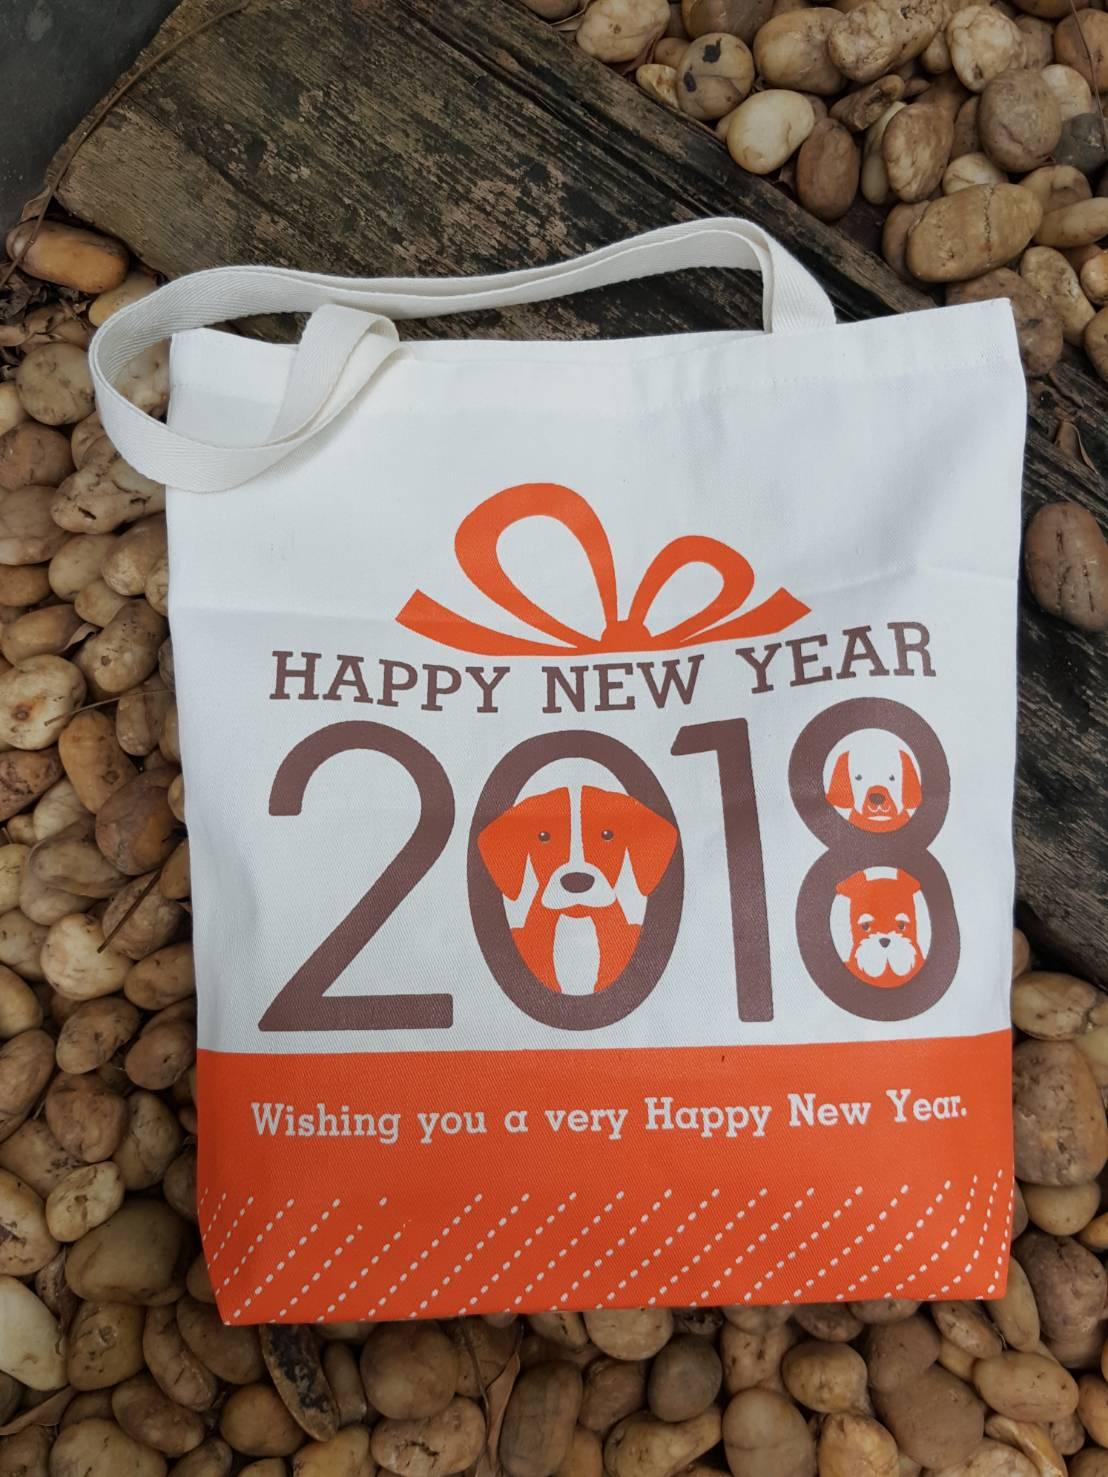 ถุงผ้าดิบ, กระเป๋าผ้าดิบ, ลดโลกร้อน, สกรีนลายสำเร็จรูป, ขายส่ง, พร้อมส่ง,ลายน่ารัก, จาก baginlove.com, happynewyear, 2018, สวัสดีปีใหม่2561